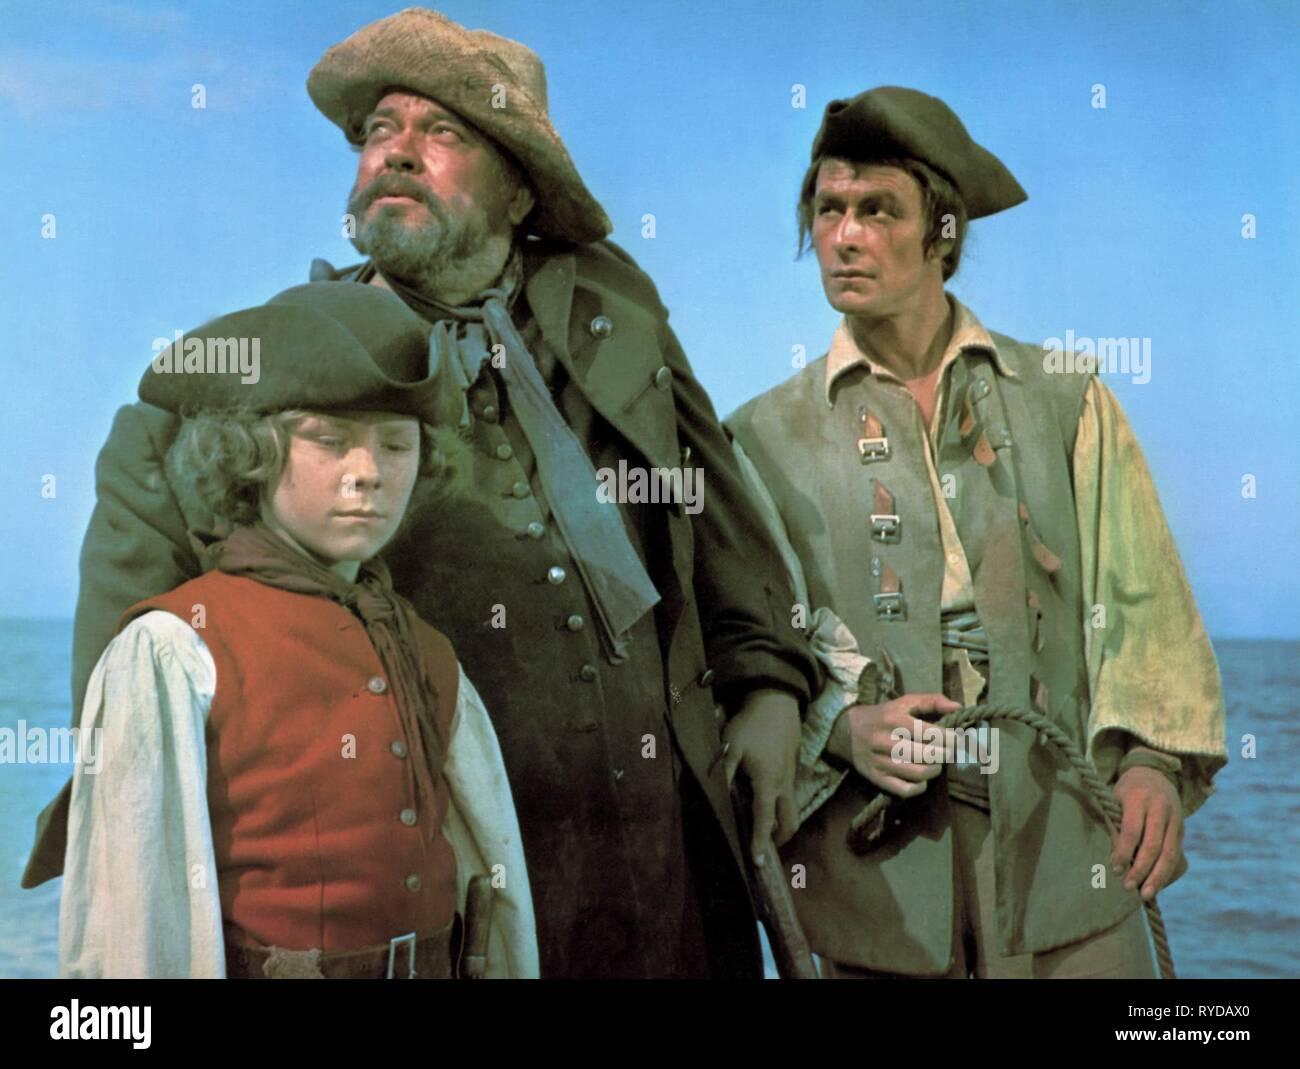 KIM BURFIELD, ORSON WELLES, JEAN LEFEBVRE, l'île au trésor, 1972 Banque D'Images